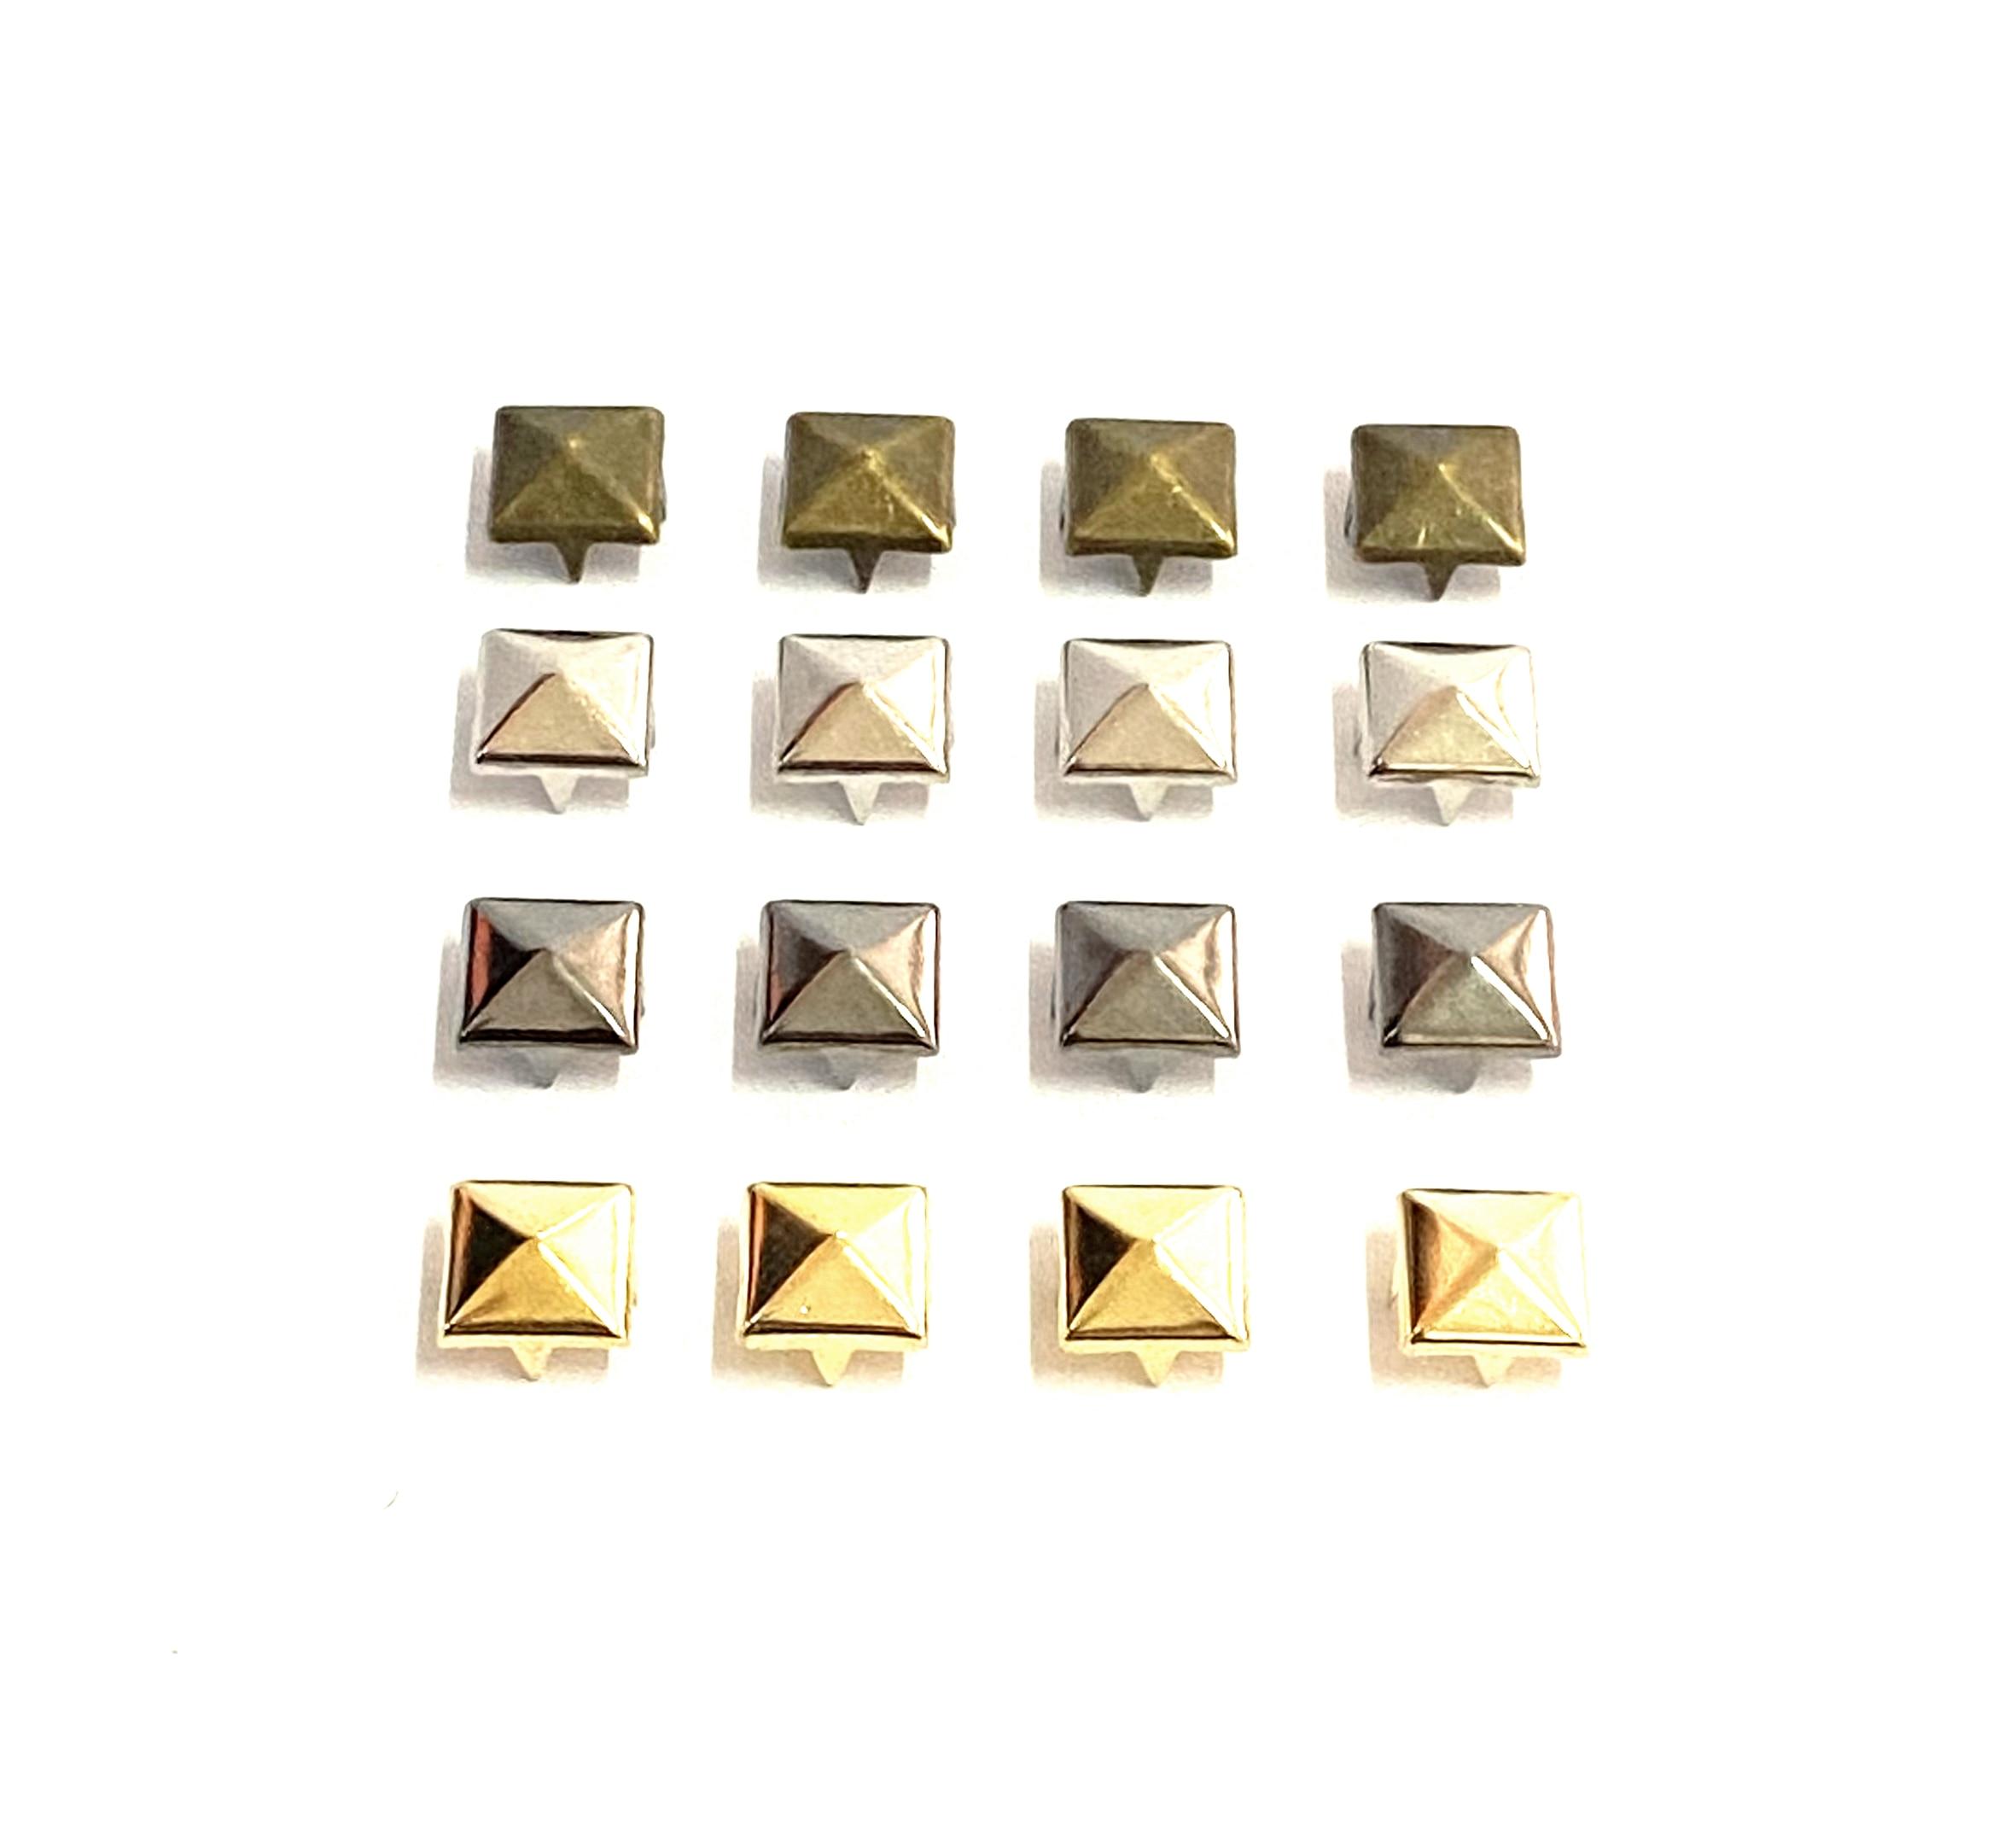 100 adet 6-12mm 4-pençe perçin kare piramit/metal tırnak konik perçin giysi/ayakkabı/çanta/deri çiviler punk DIY